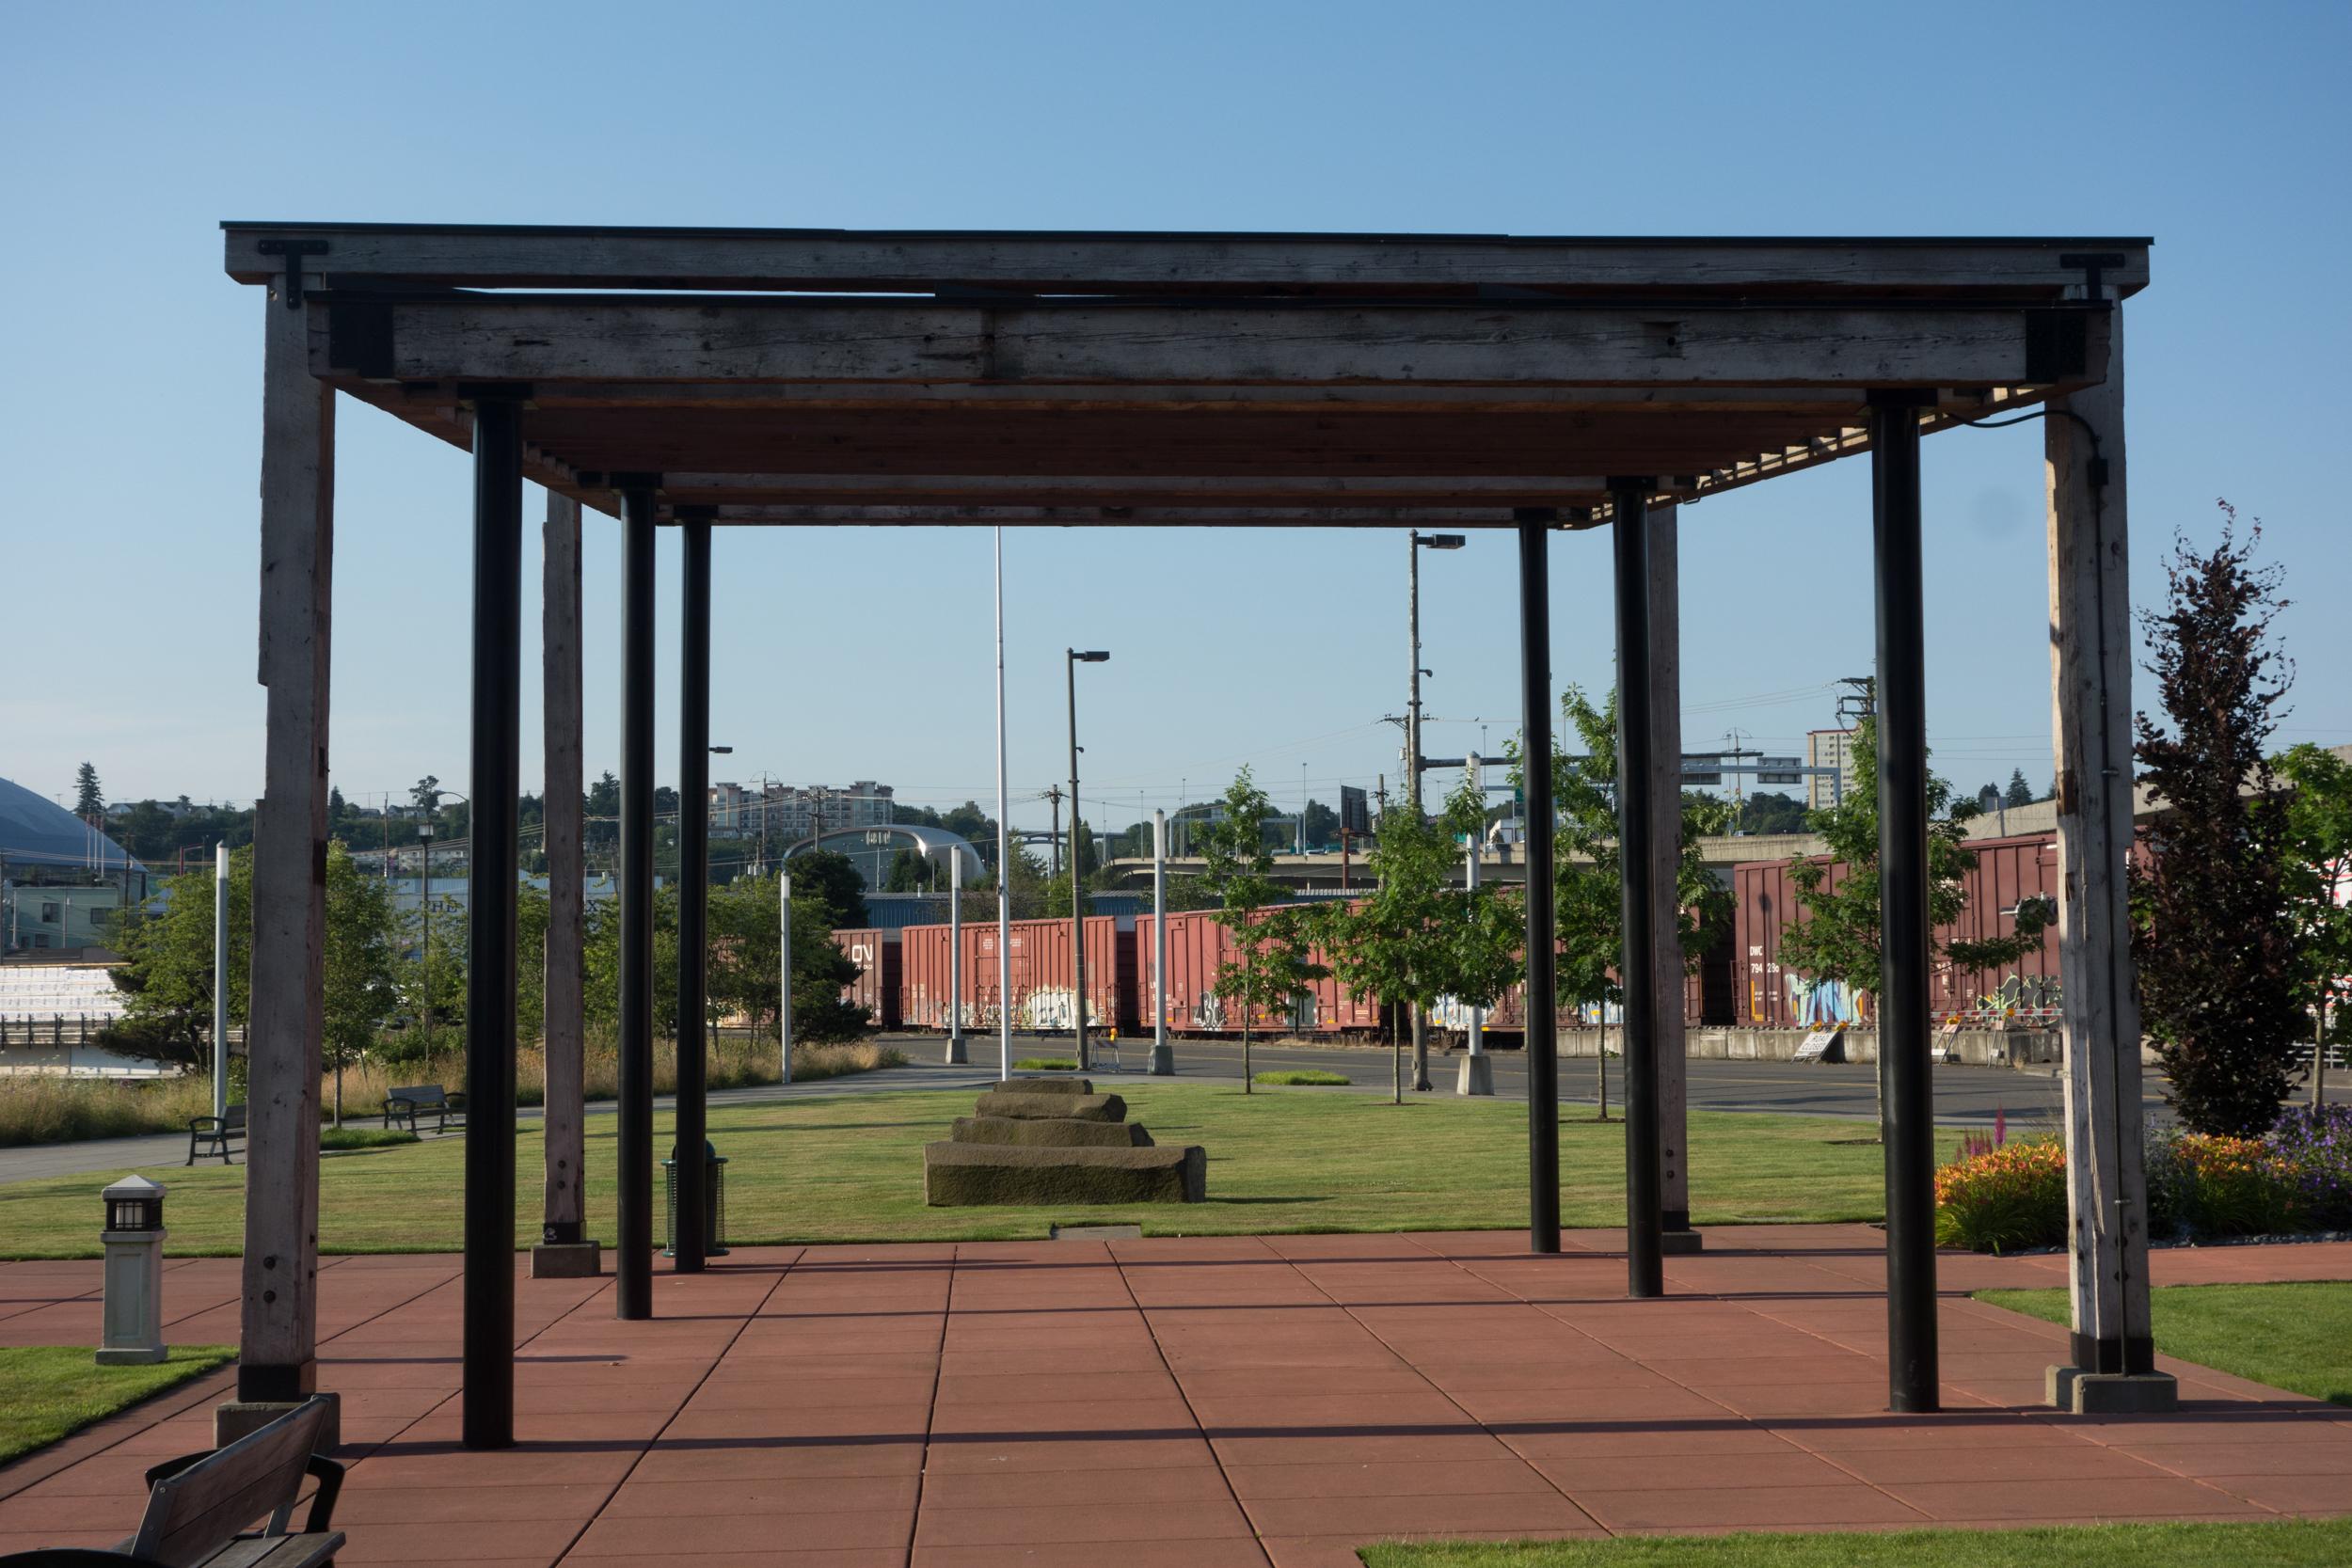 Bridge View Park